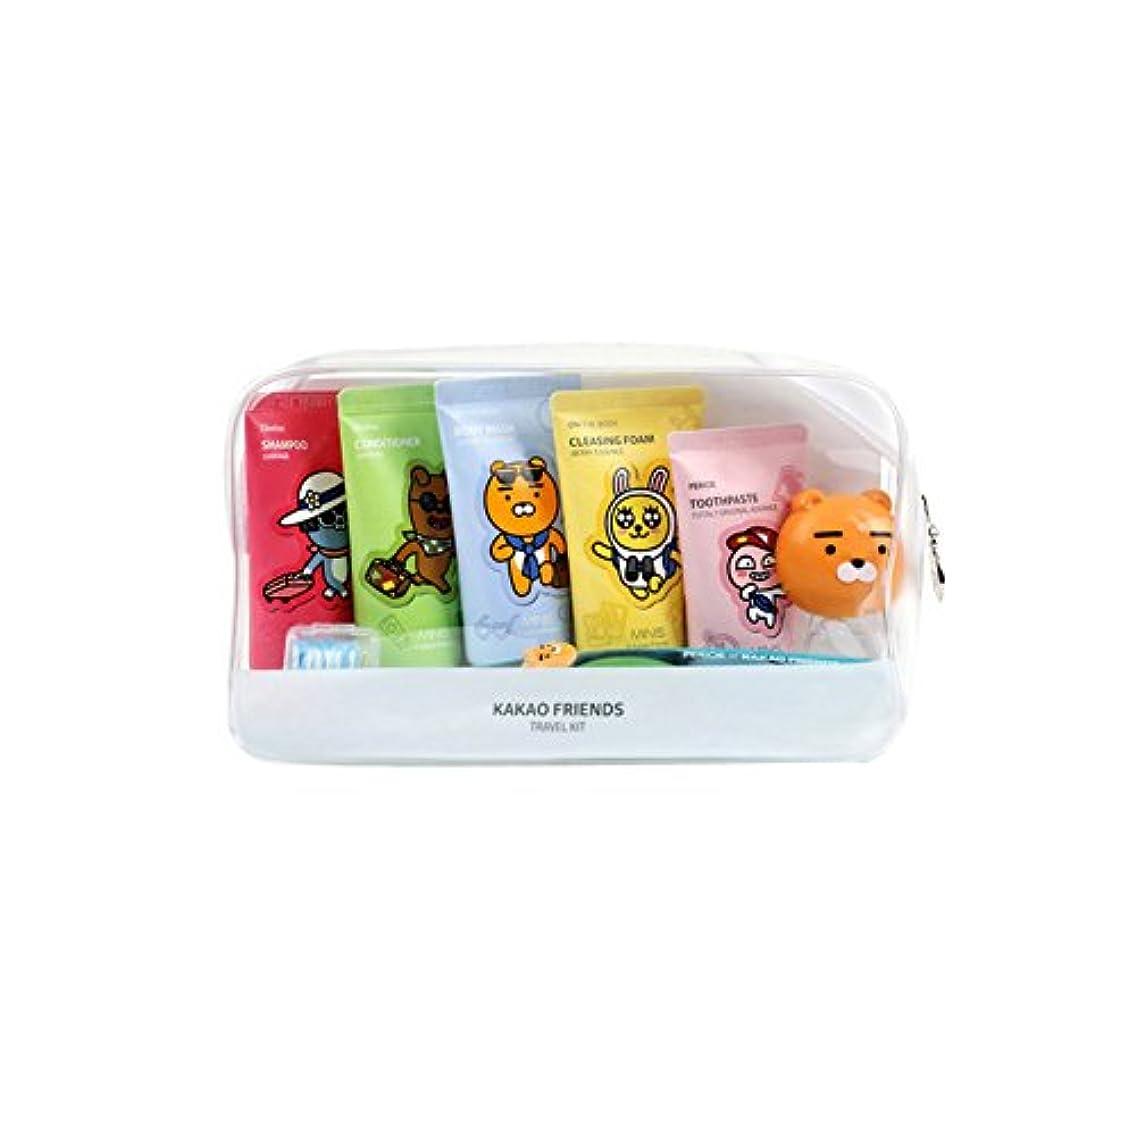 無能日没呼吸KAKAO Friends Convenience Travel Kit 7 Piece Shampoo,Conditioner,Body Wash,Cleansing Foam,Tooth Paste,Tooth Brush...